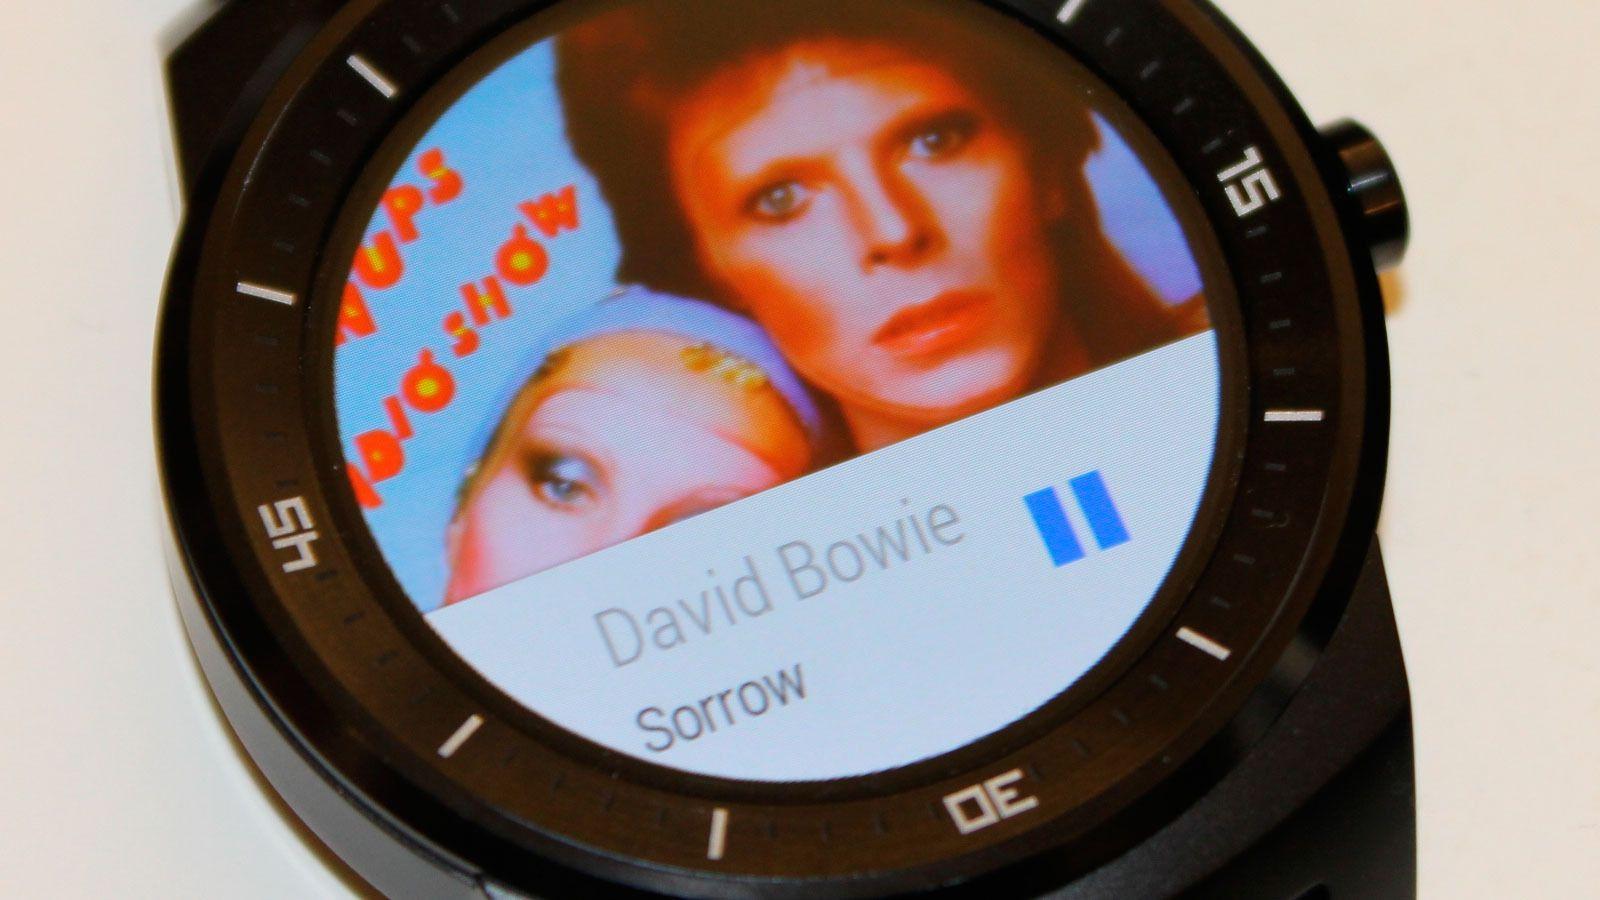 Slik ser det ut når vi bruker klokken som kontroll for Spotify på mobilen. Når vi spiller direkte fra klokken vises ingen albumgrafikk.Foto: Espen Irwing Swang, Tek.no